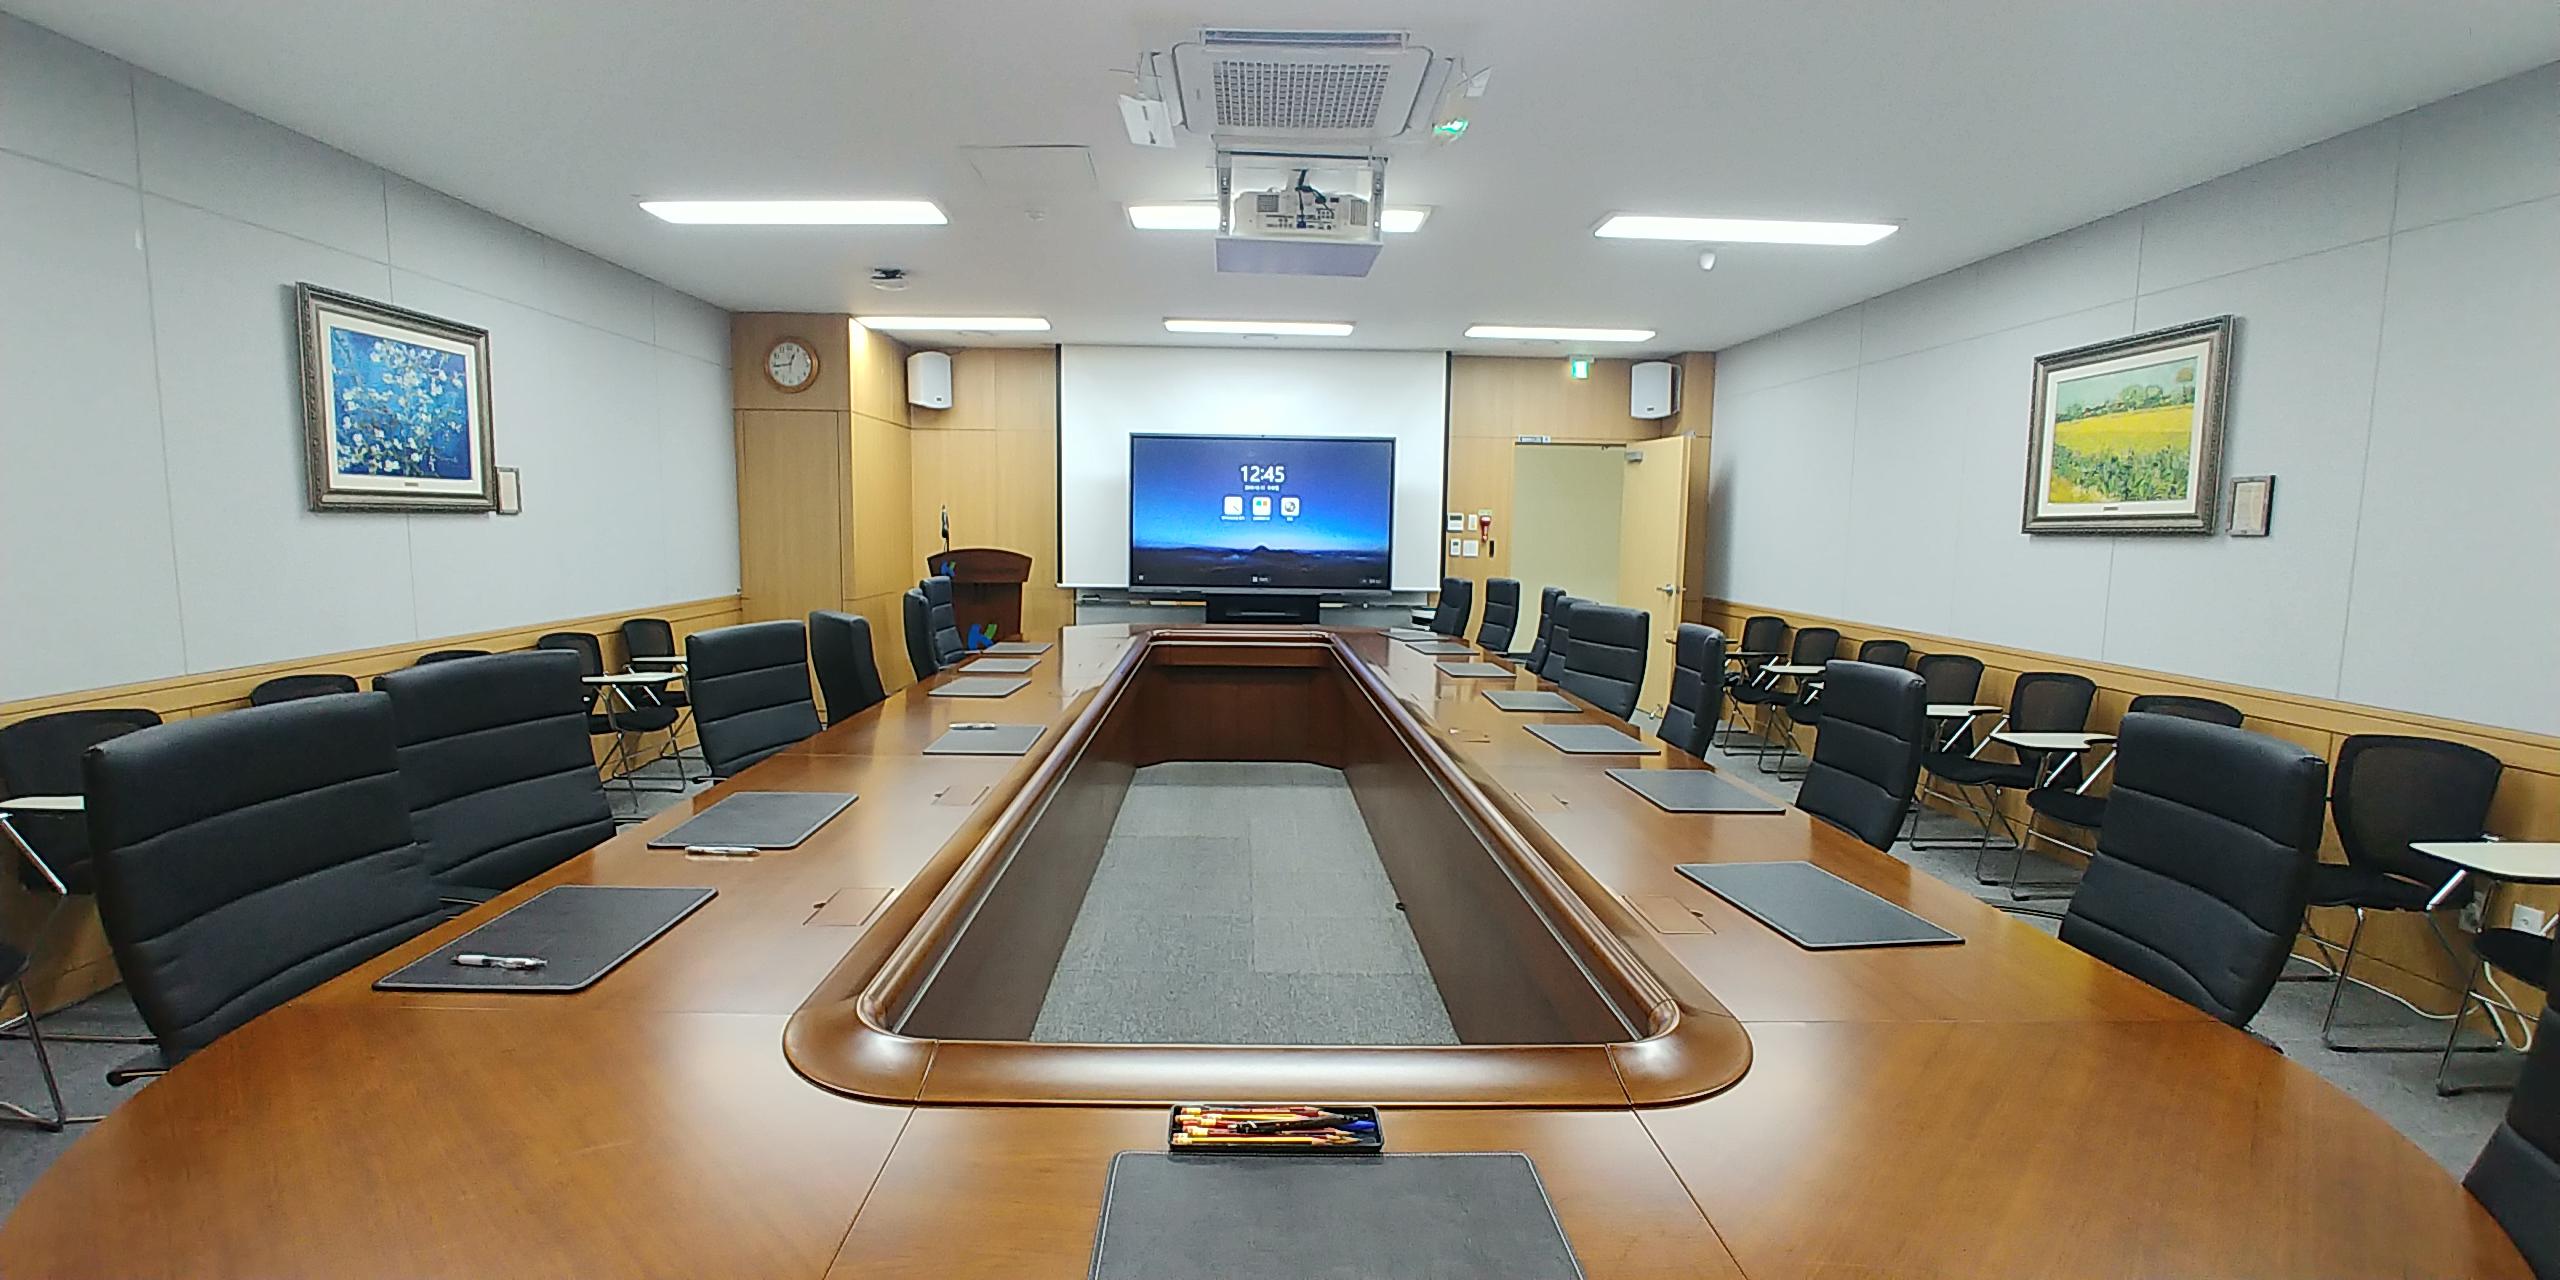 12월 11일 국가과학기술인재개발원